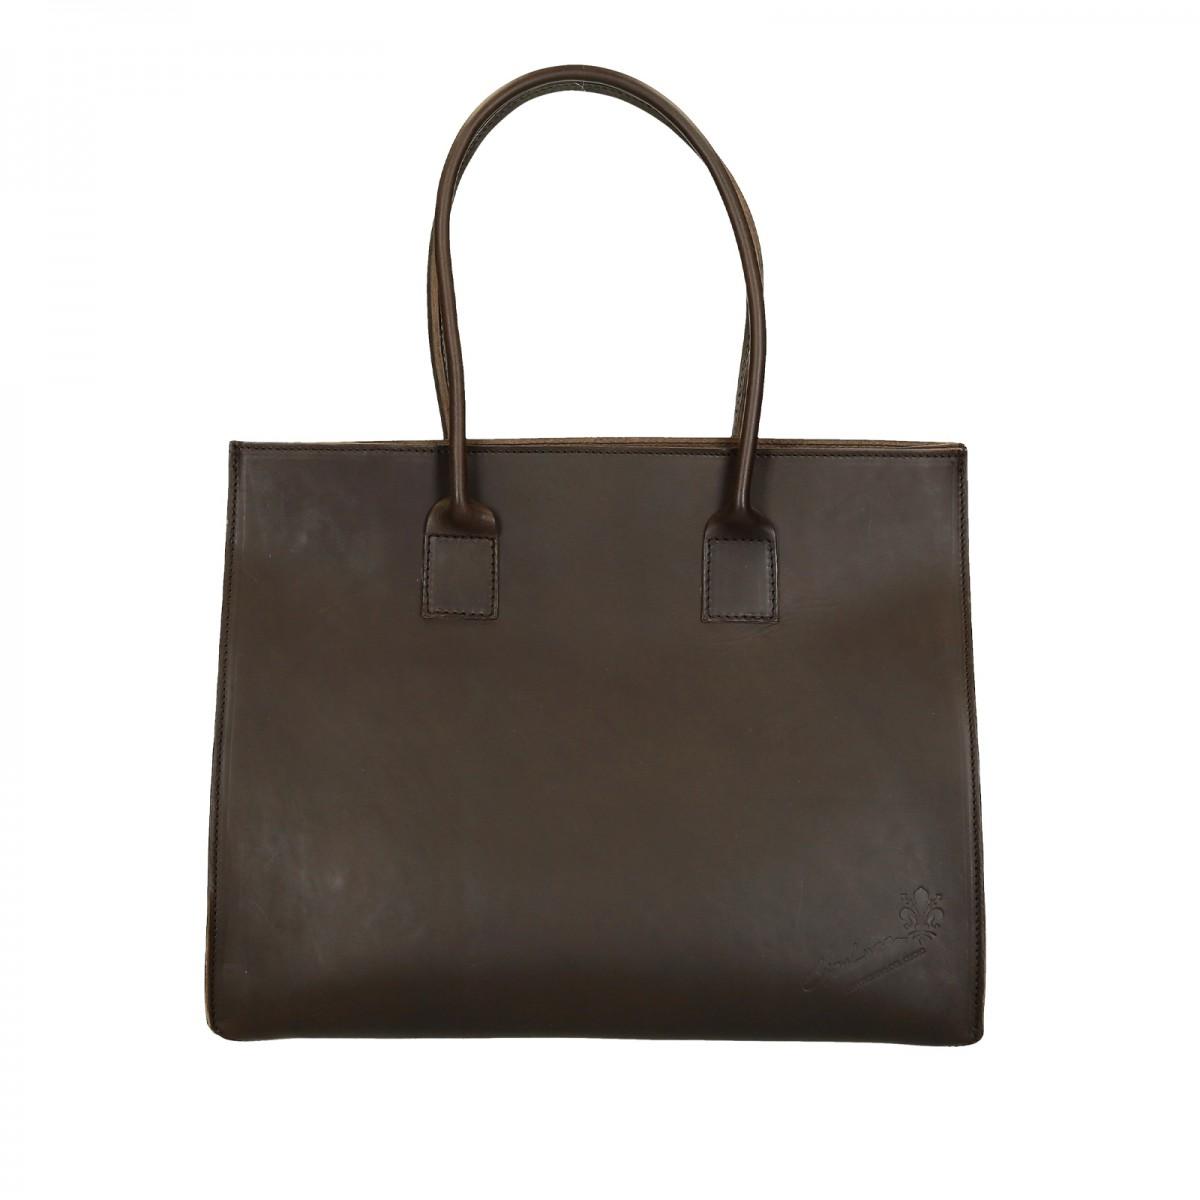 a0a052eeea985 Hand gefertigte Shopping-Tasche für Damen aus braunem Leder ...